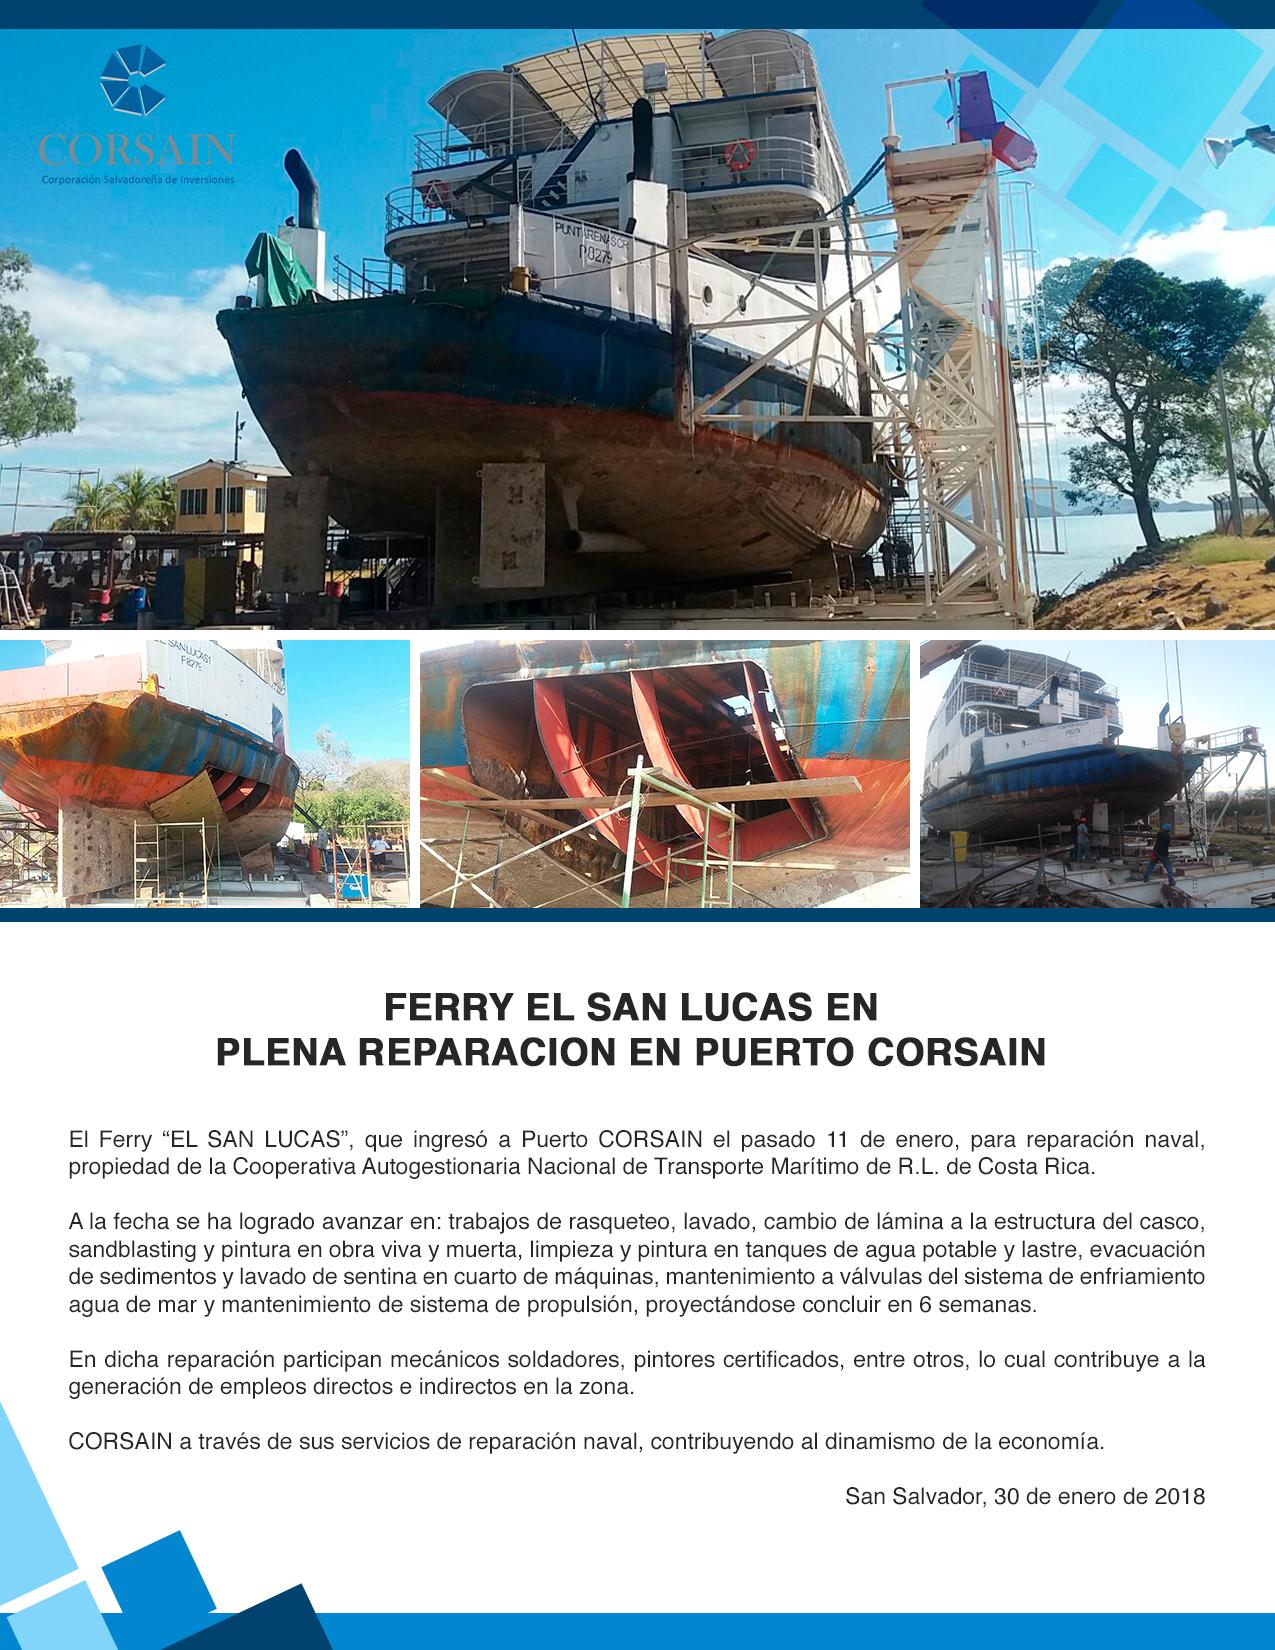 comunicado-ferry-san-lucas-en-plena-reparacion